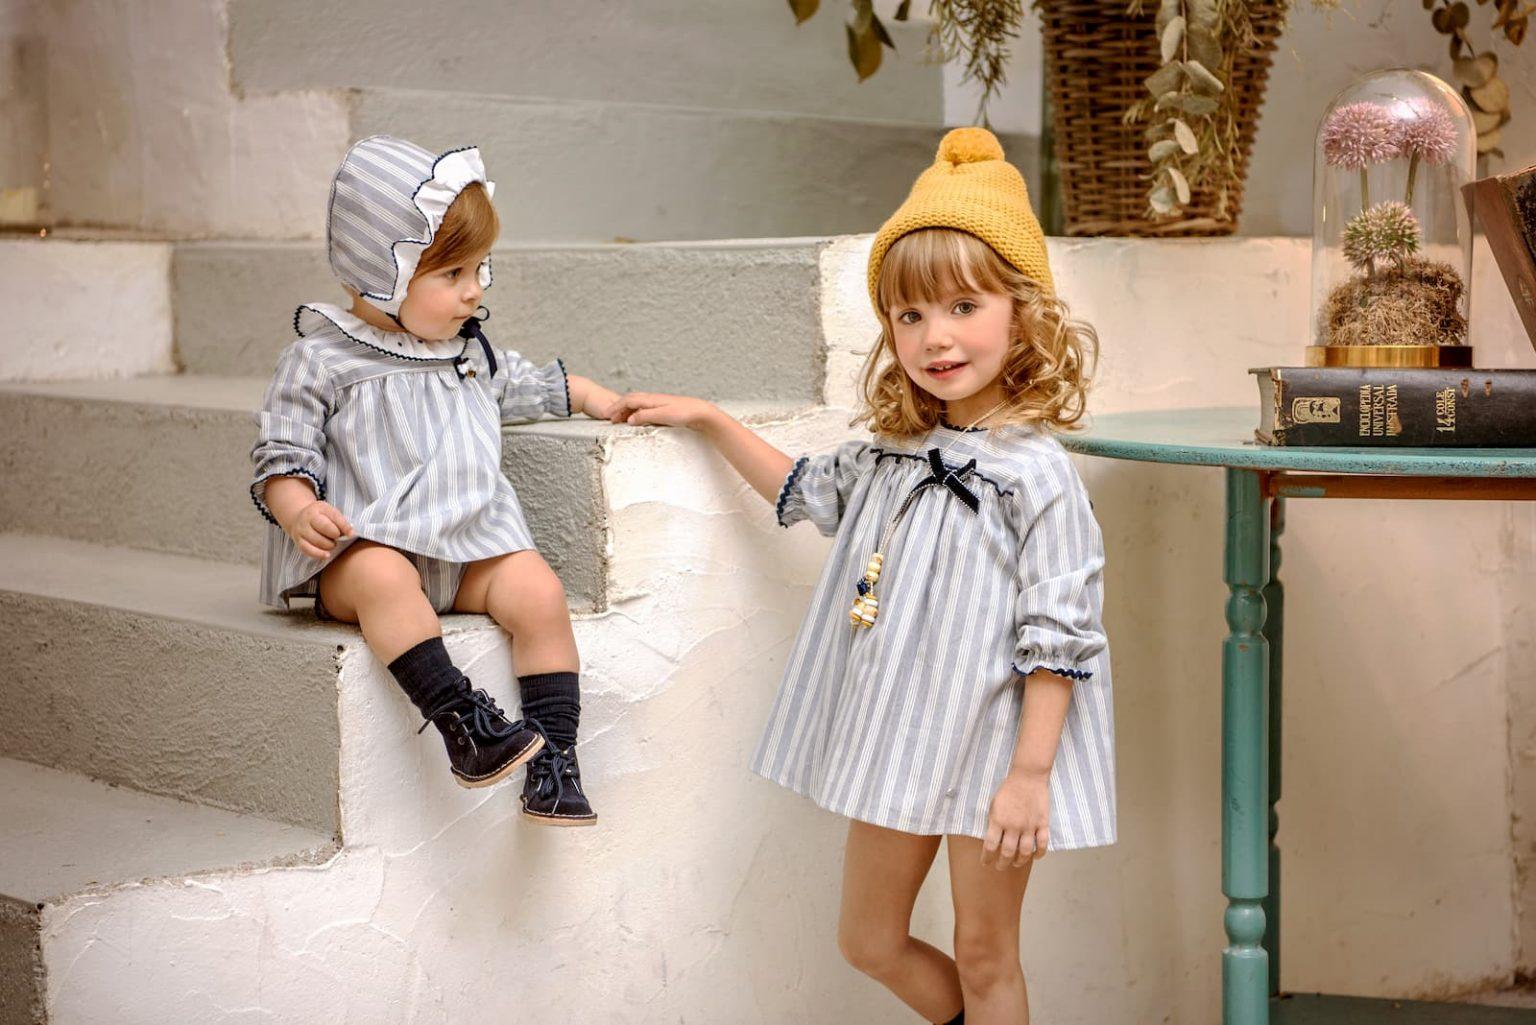 Estilismo infantil perfecto con prendas de rayas: consejos para saberlo combinar